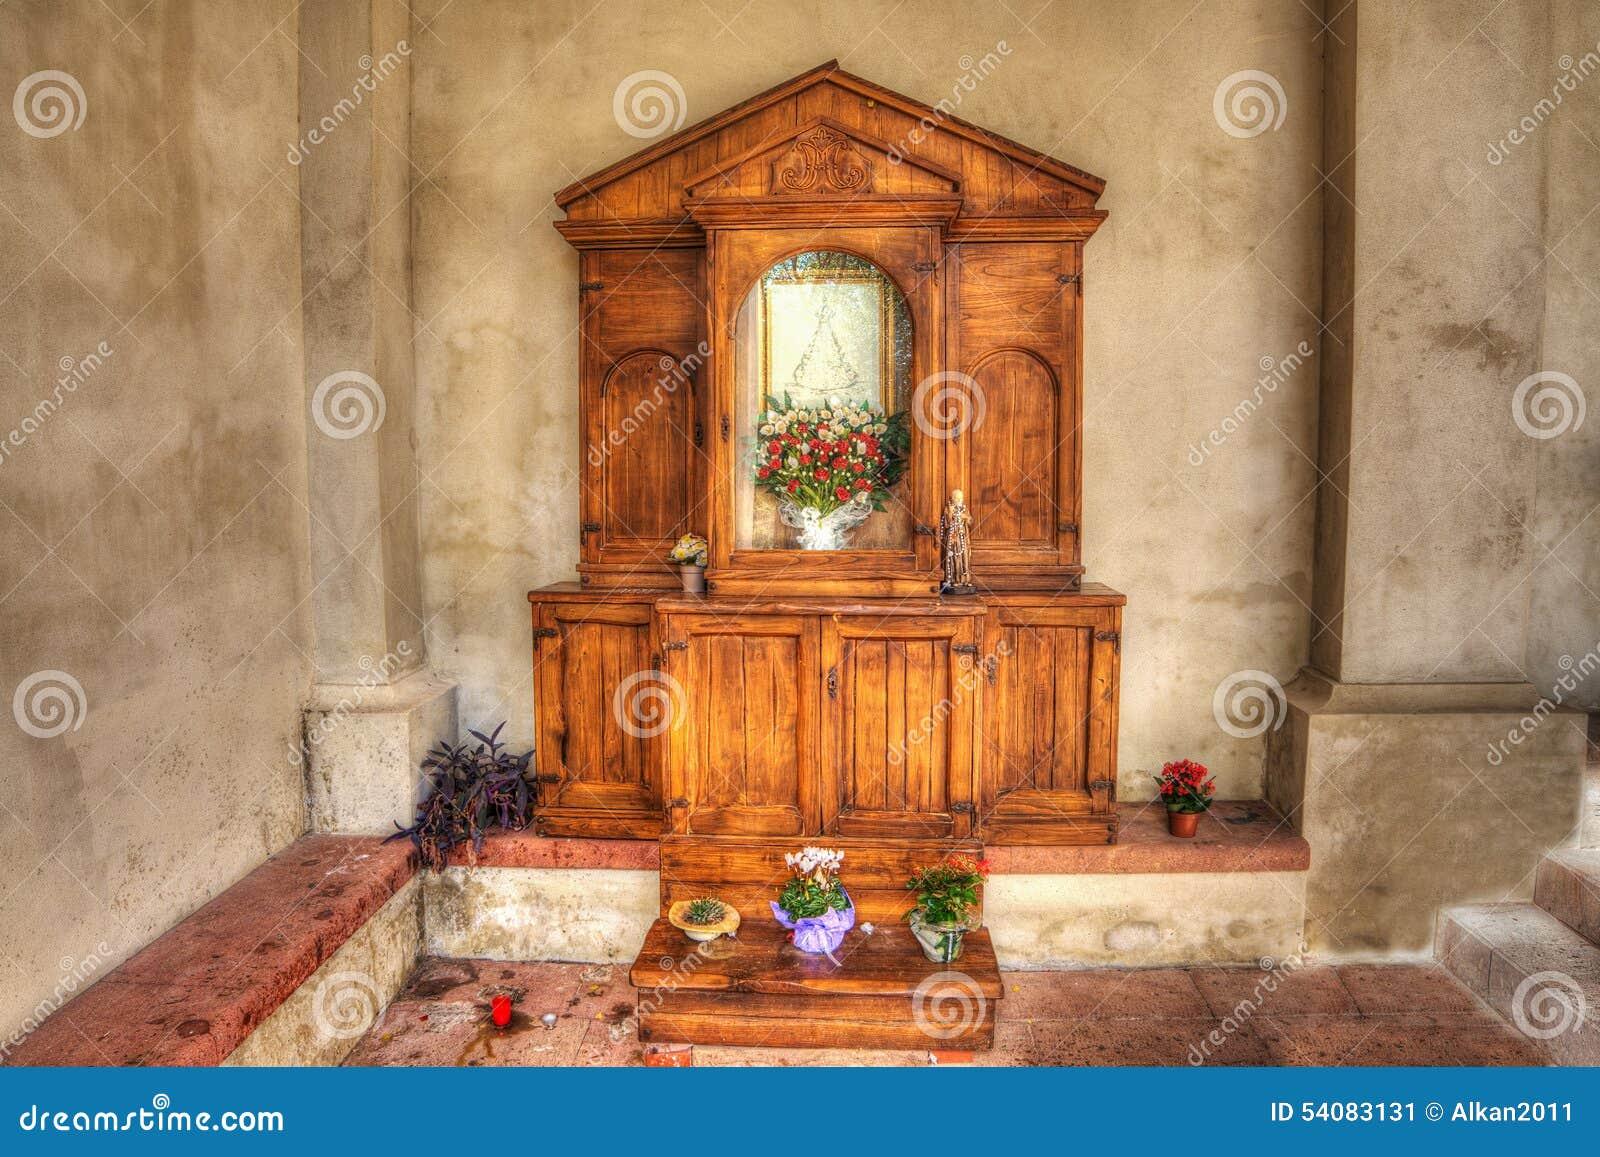 Houten altaar in een Italiaanse kerk